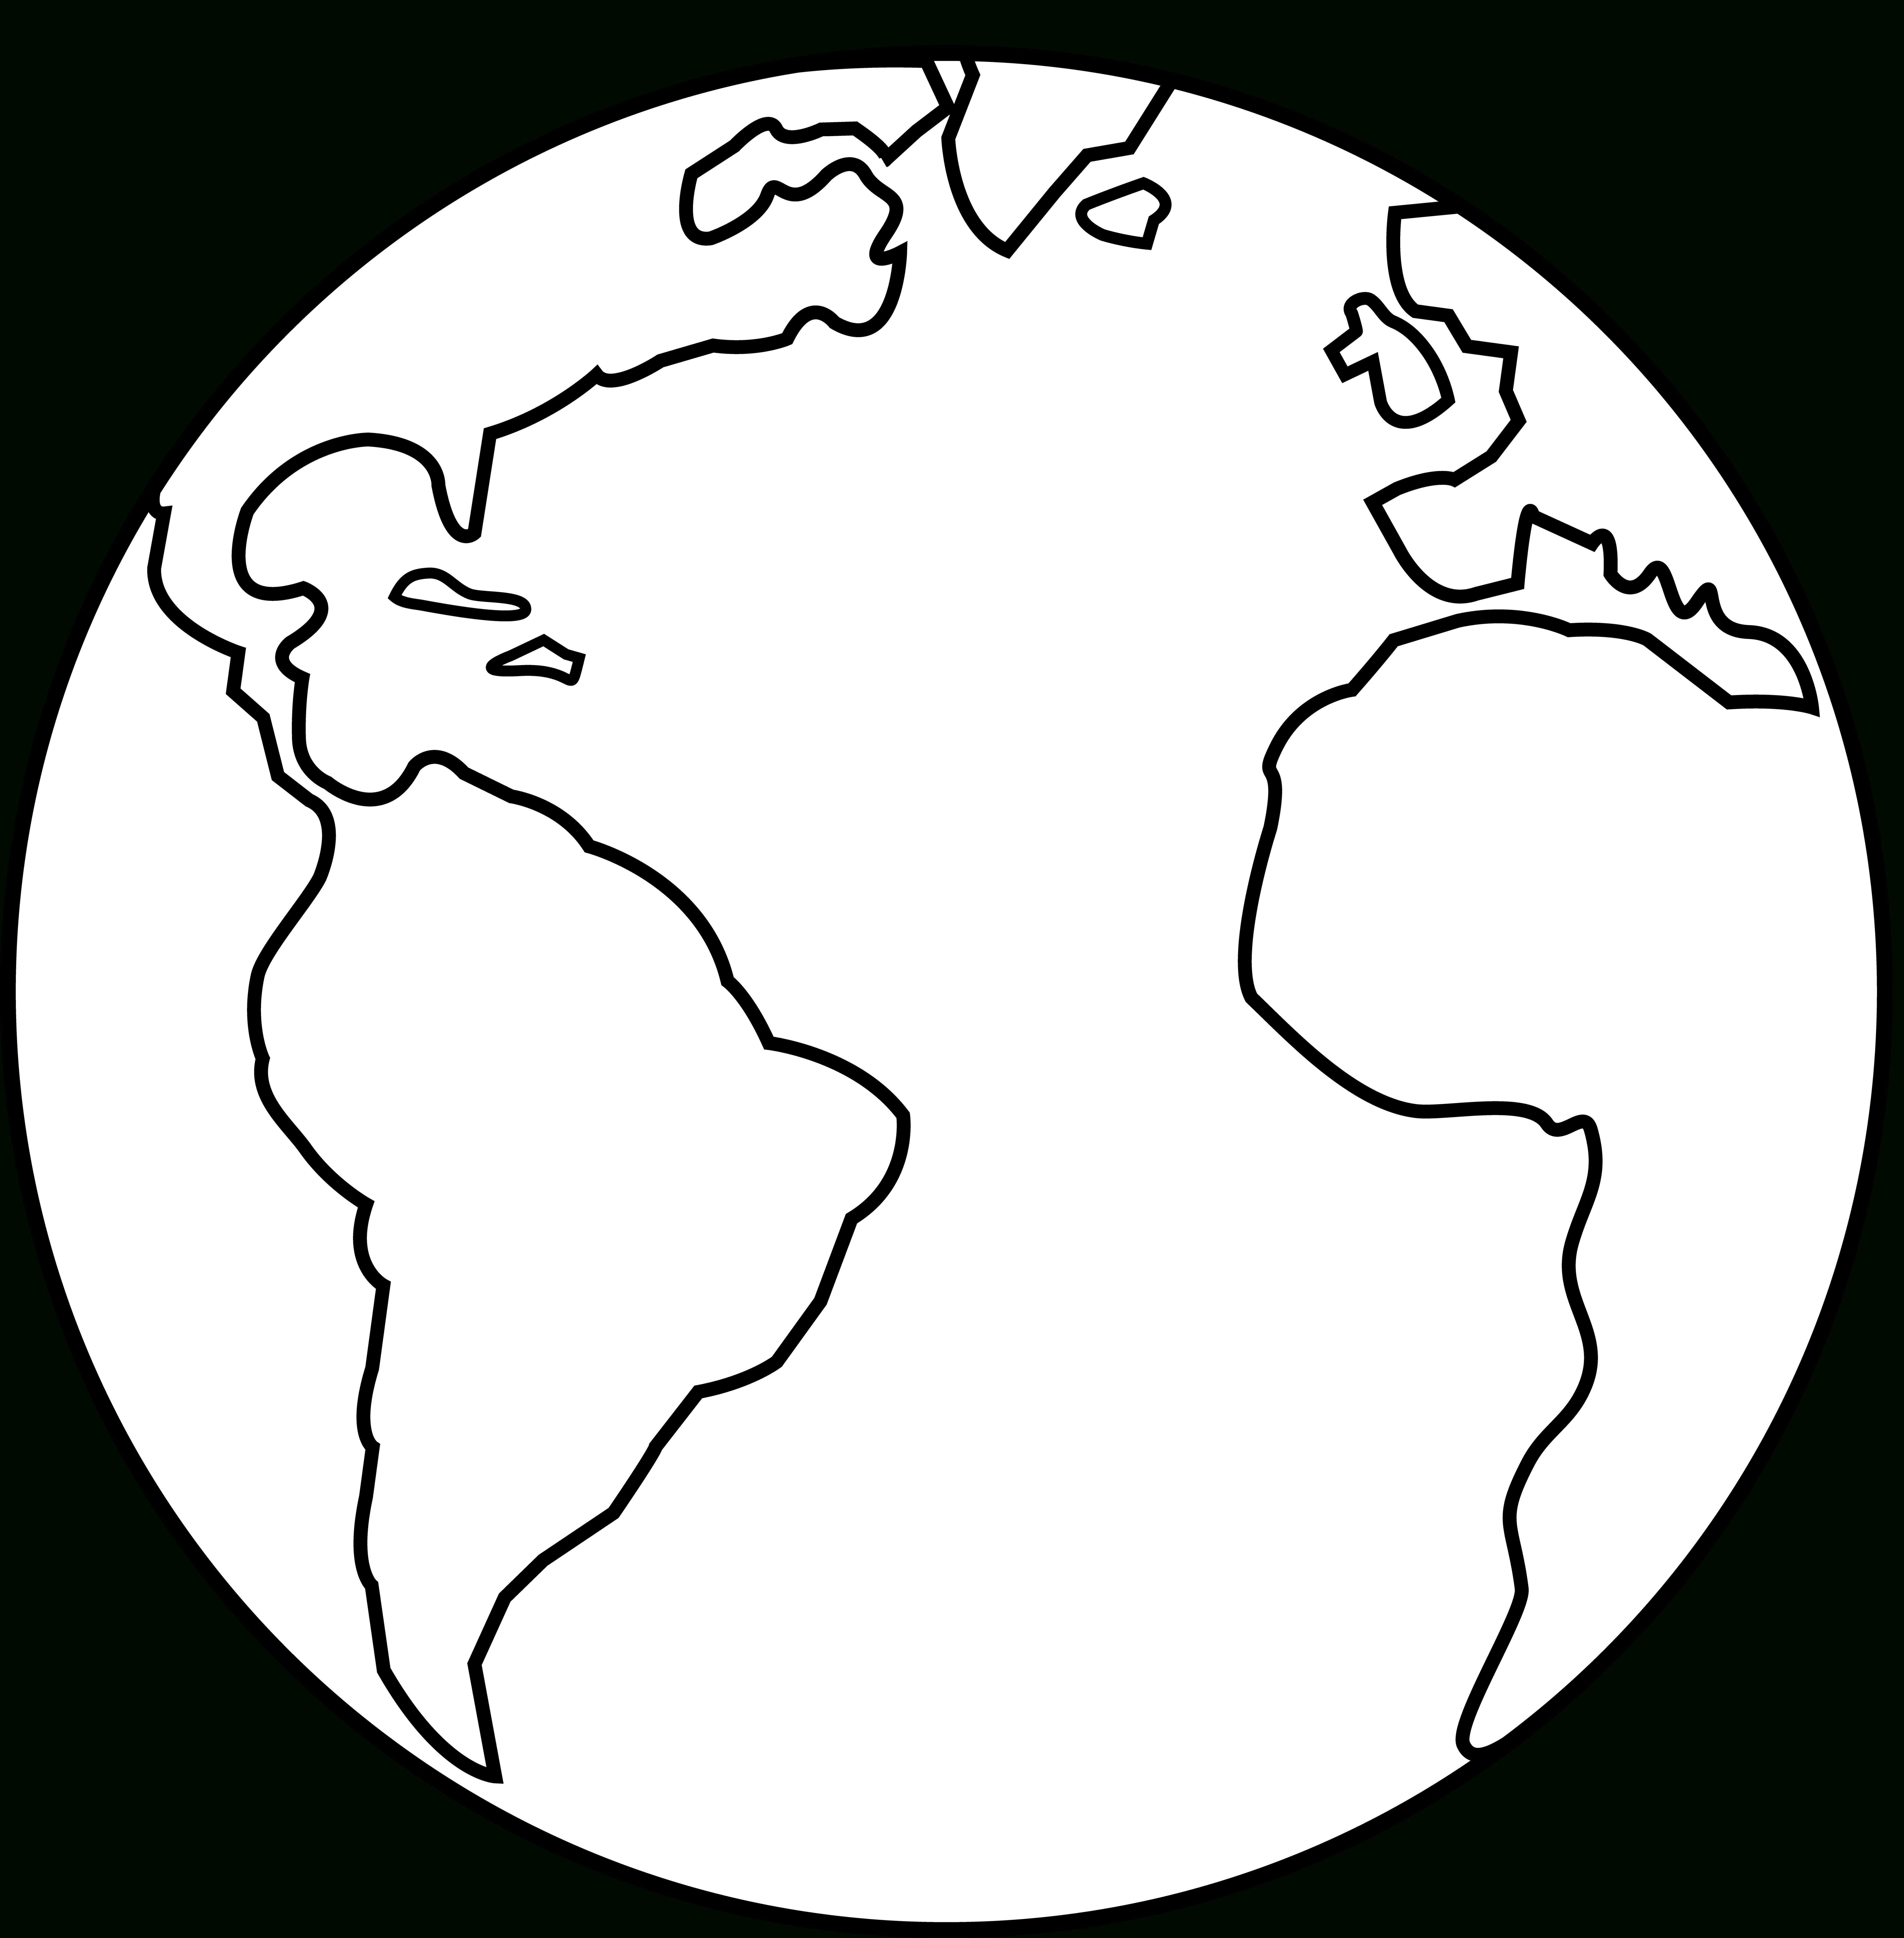 a63058c8999c6595873199f45665ddf7 » Earth Drawing Easy